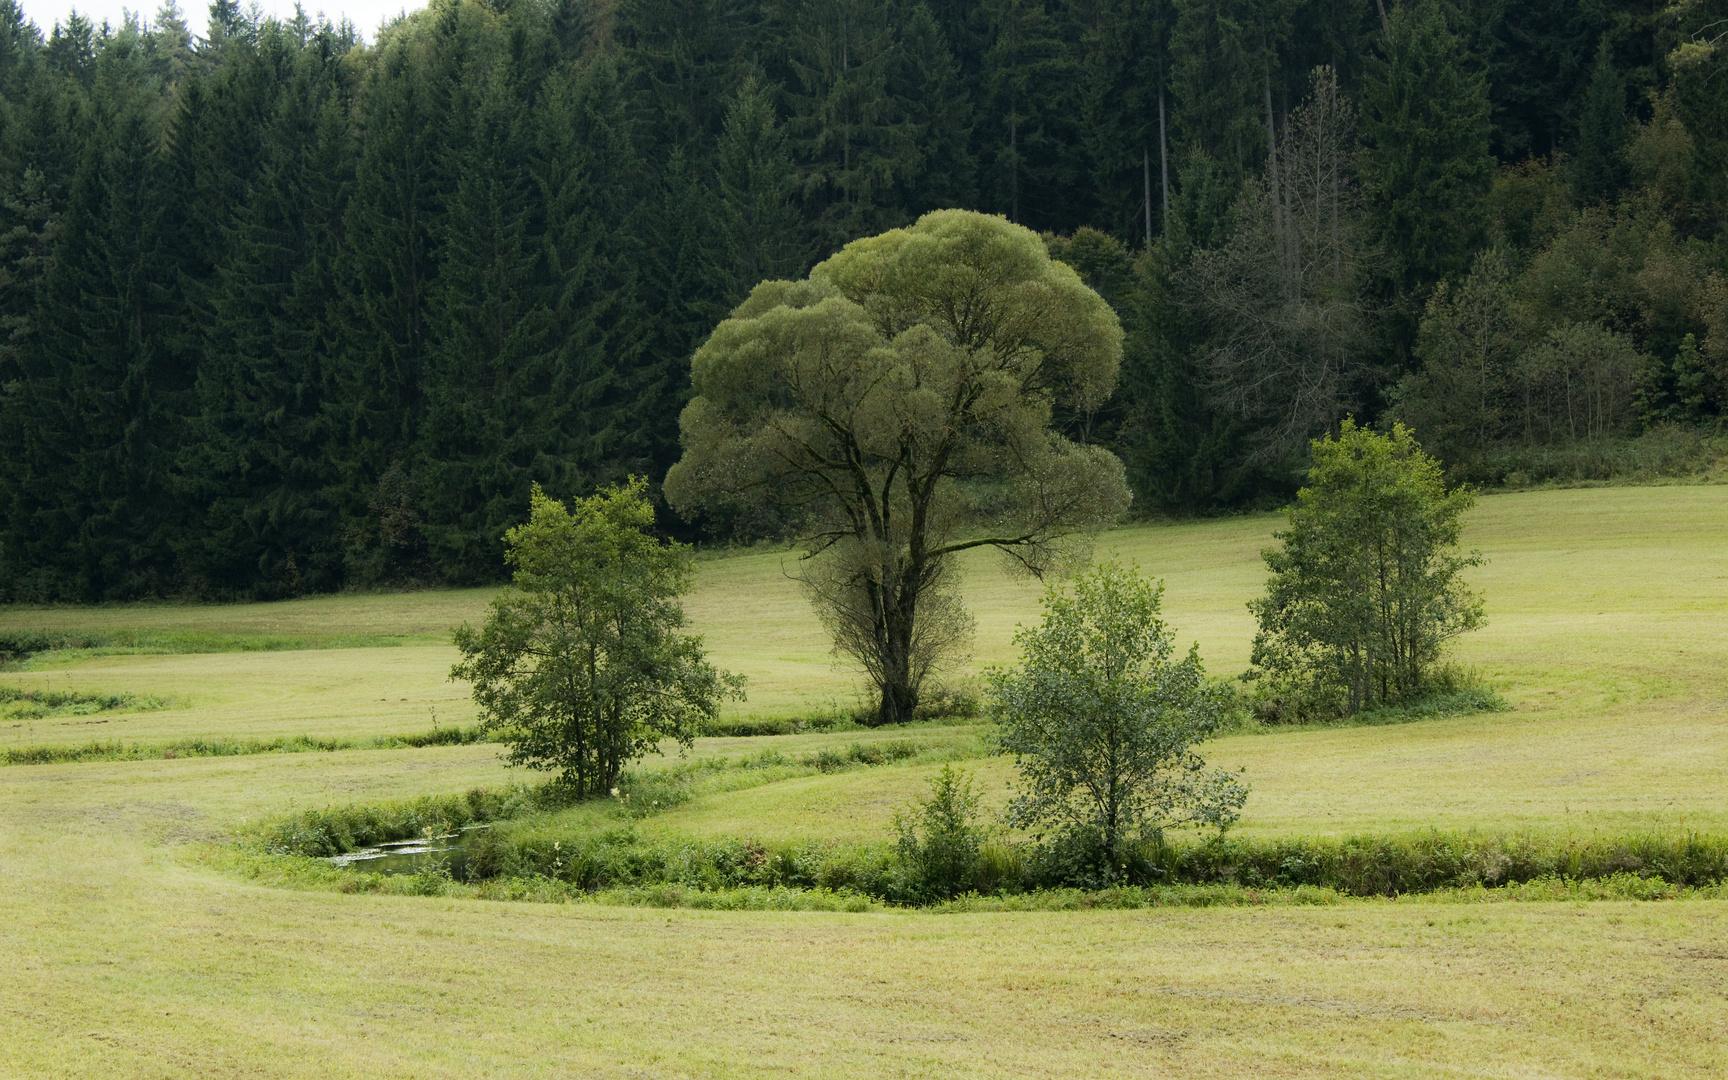 Bach mit Baum-Arrangement